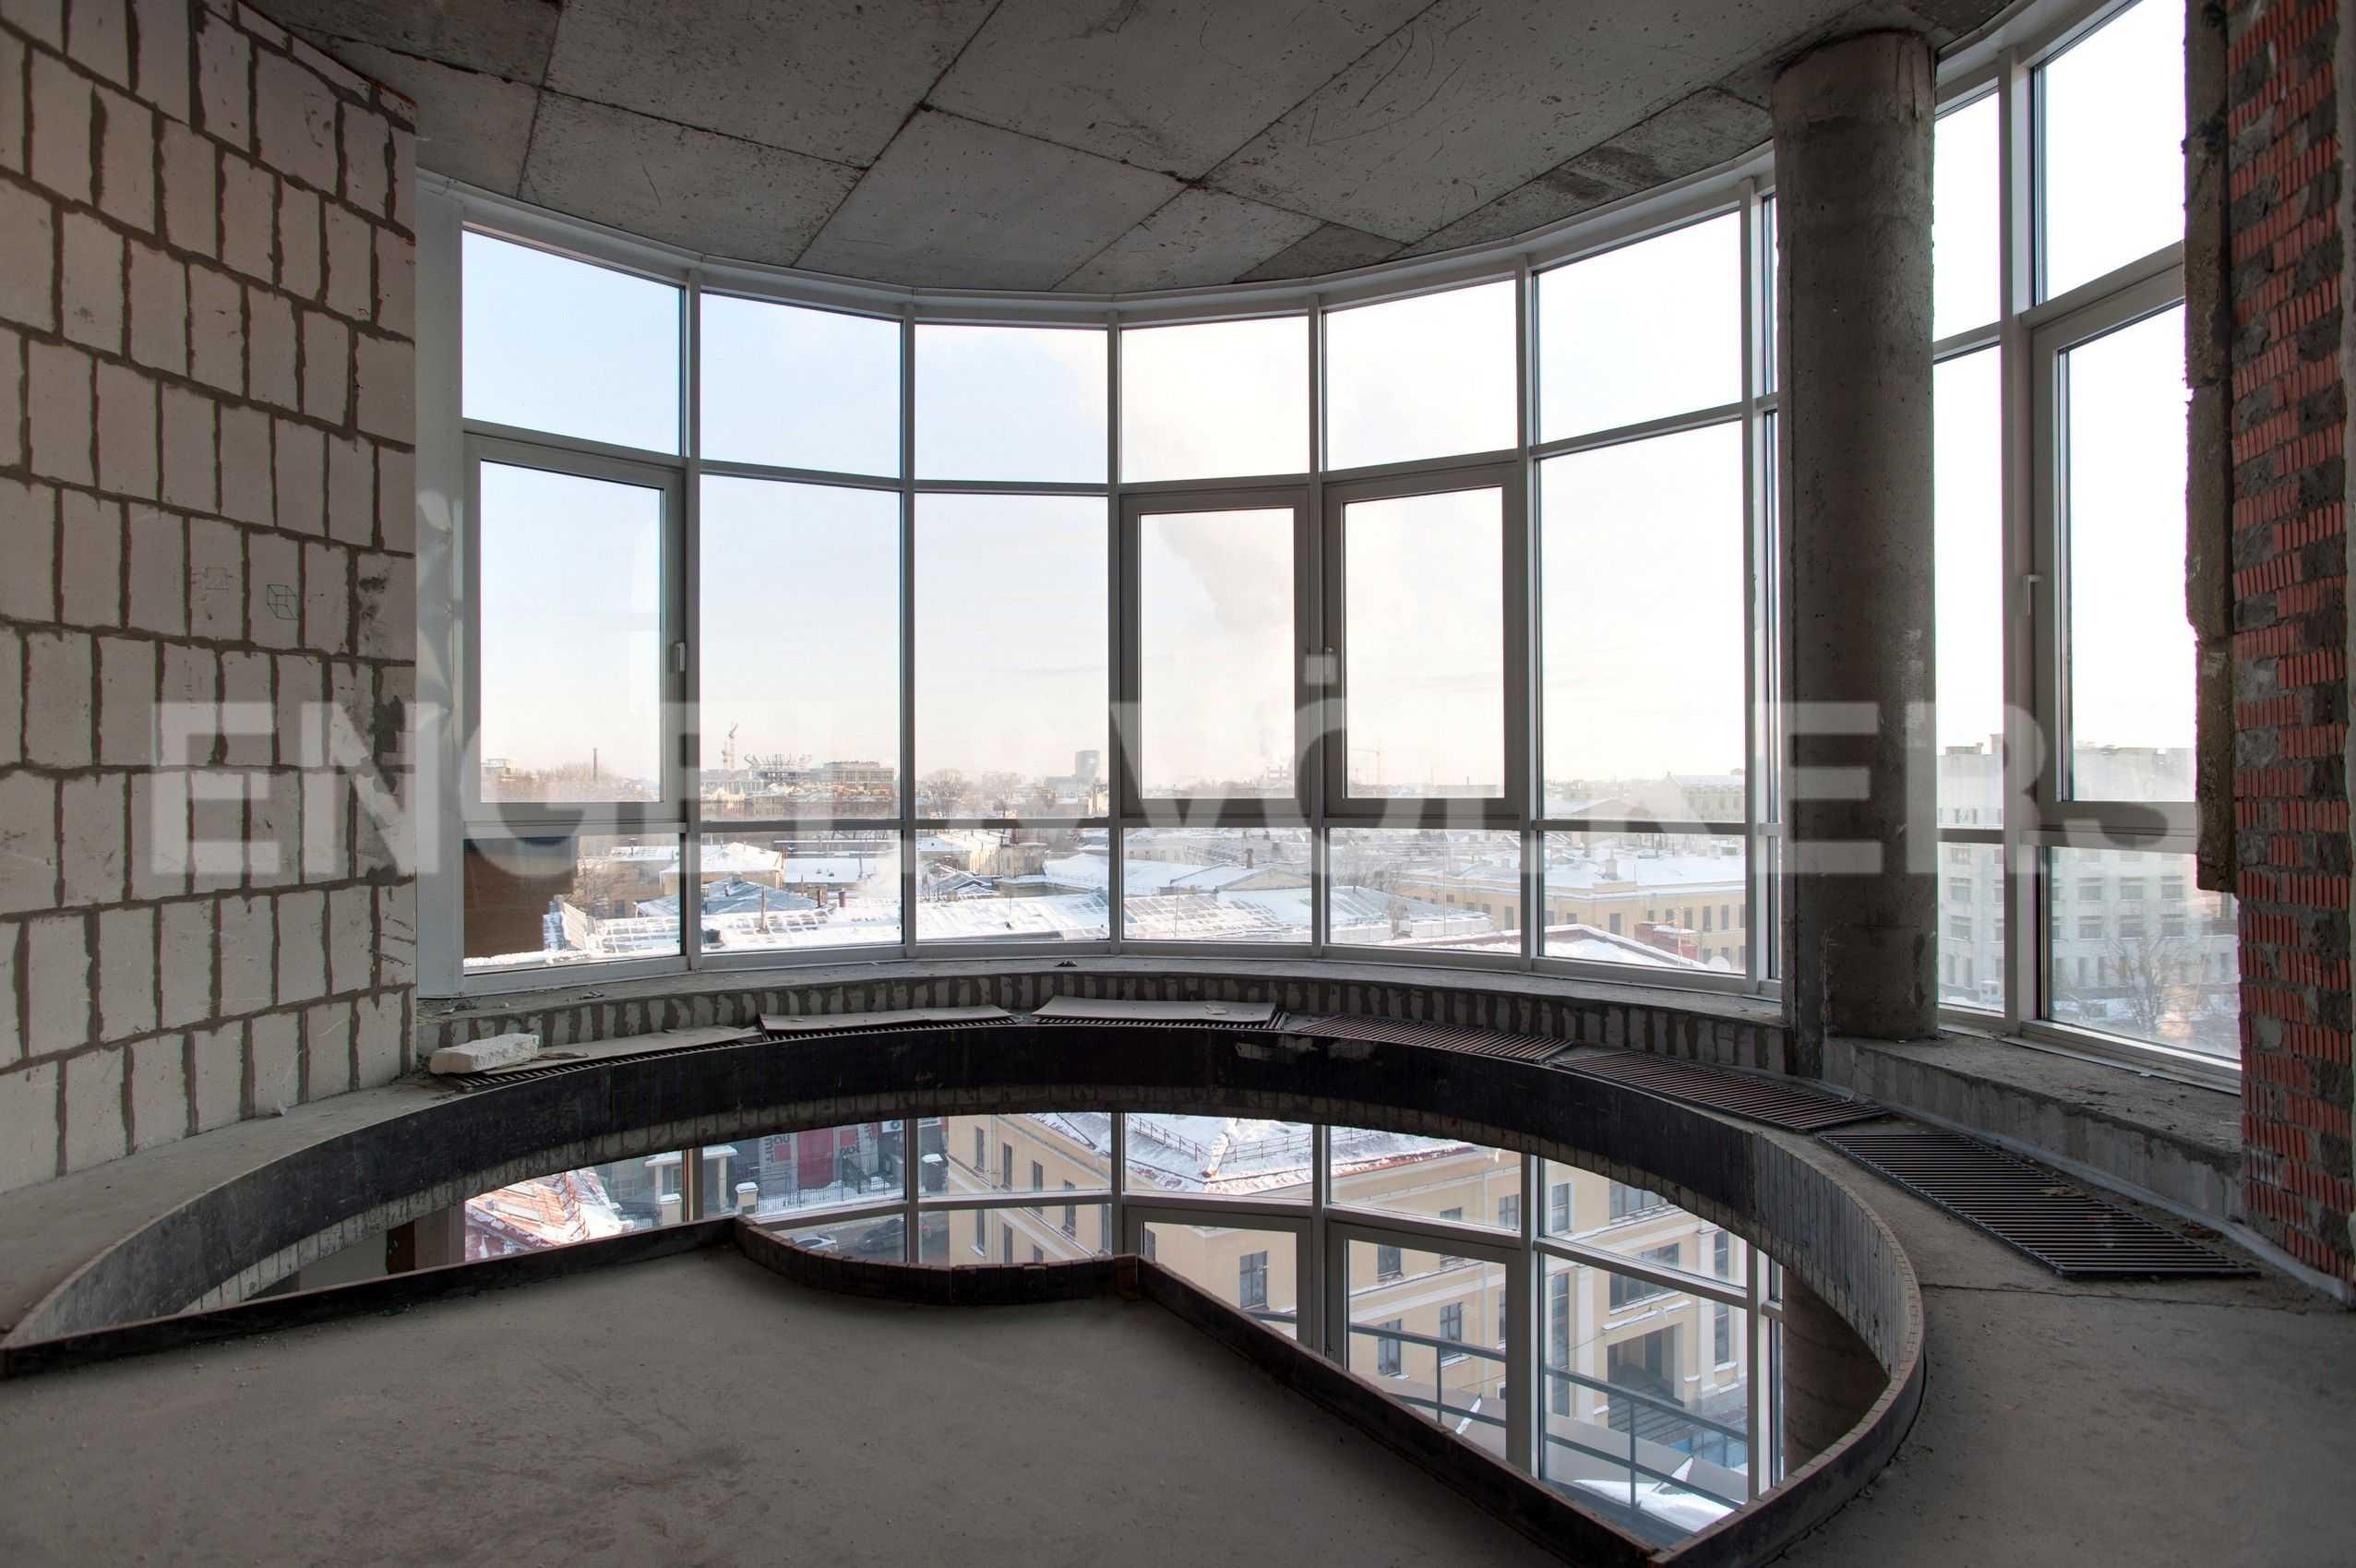 Элитные квартиры в Центральном районе. Санкт-Петербург, Парадная, 3. Панораное остекление на втором уровне